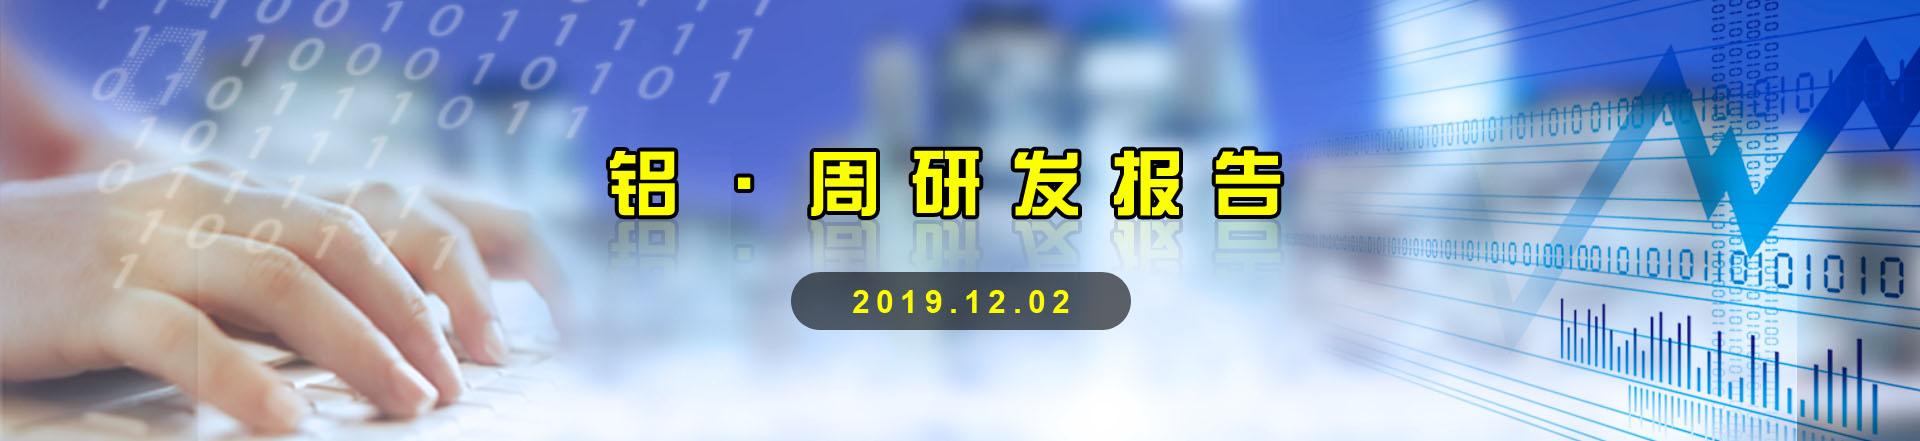 【铝】铝·周研发报告集锦 20191202